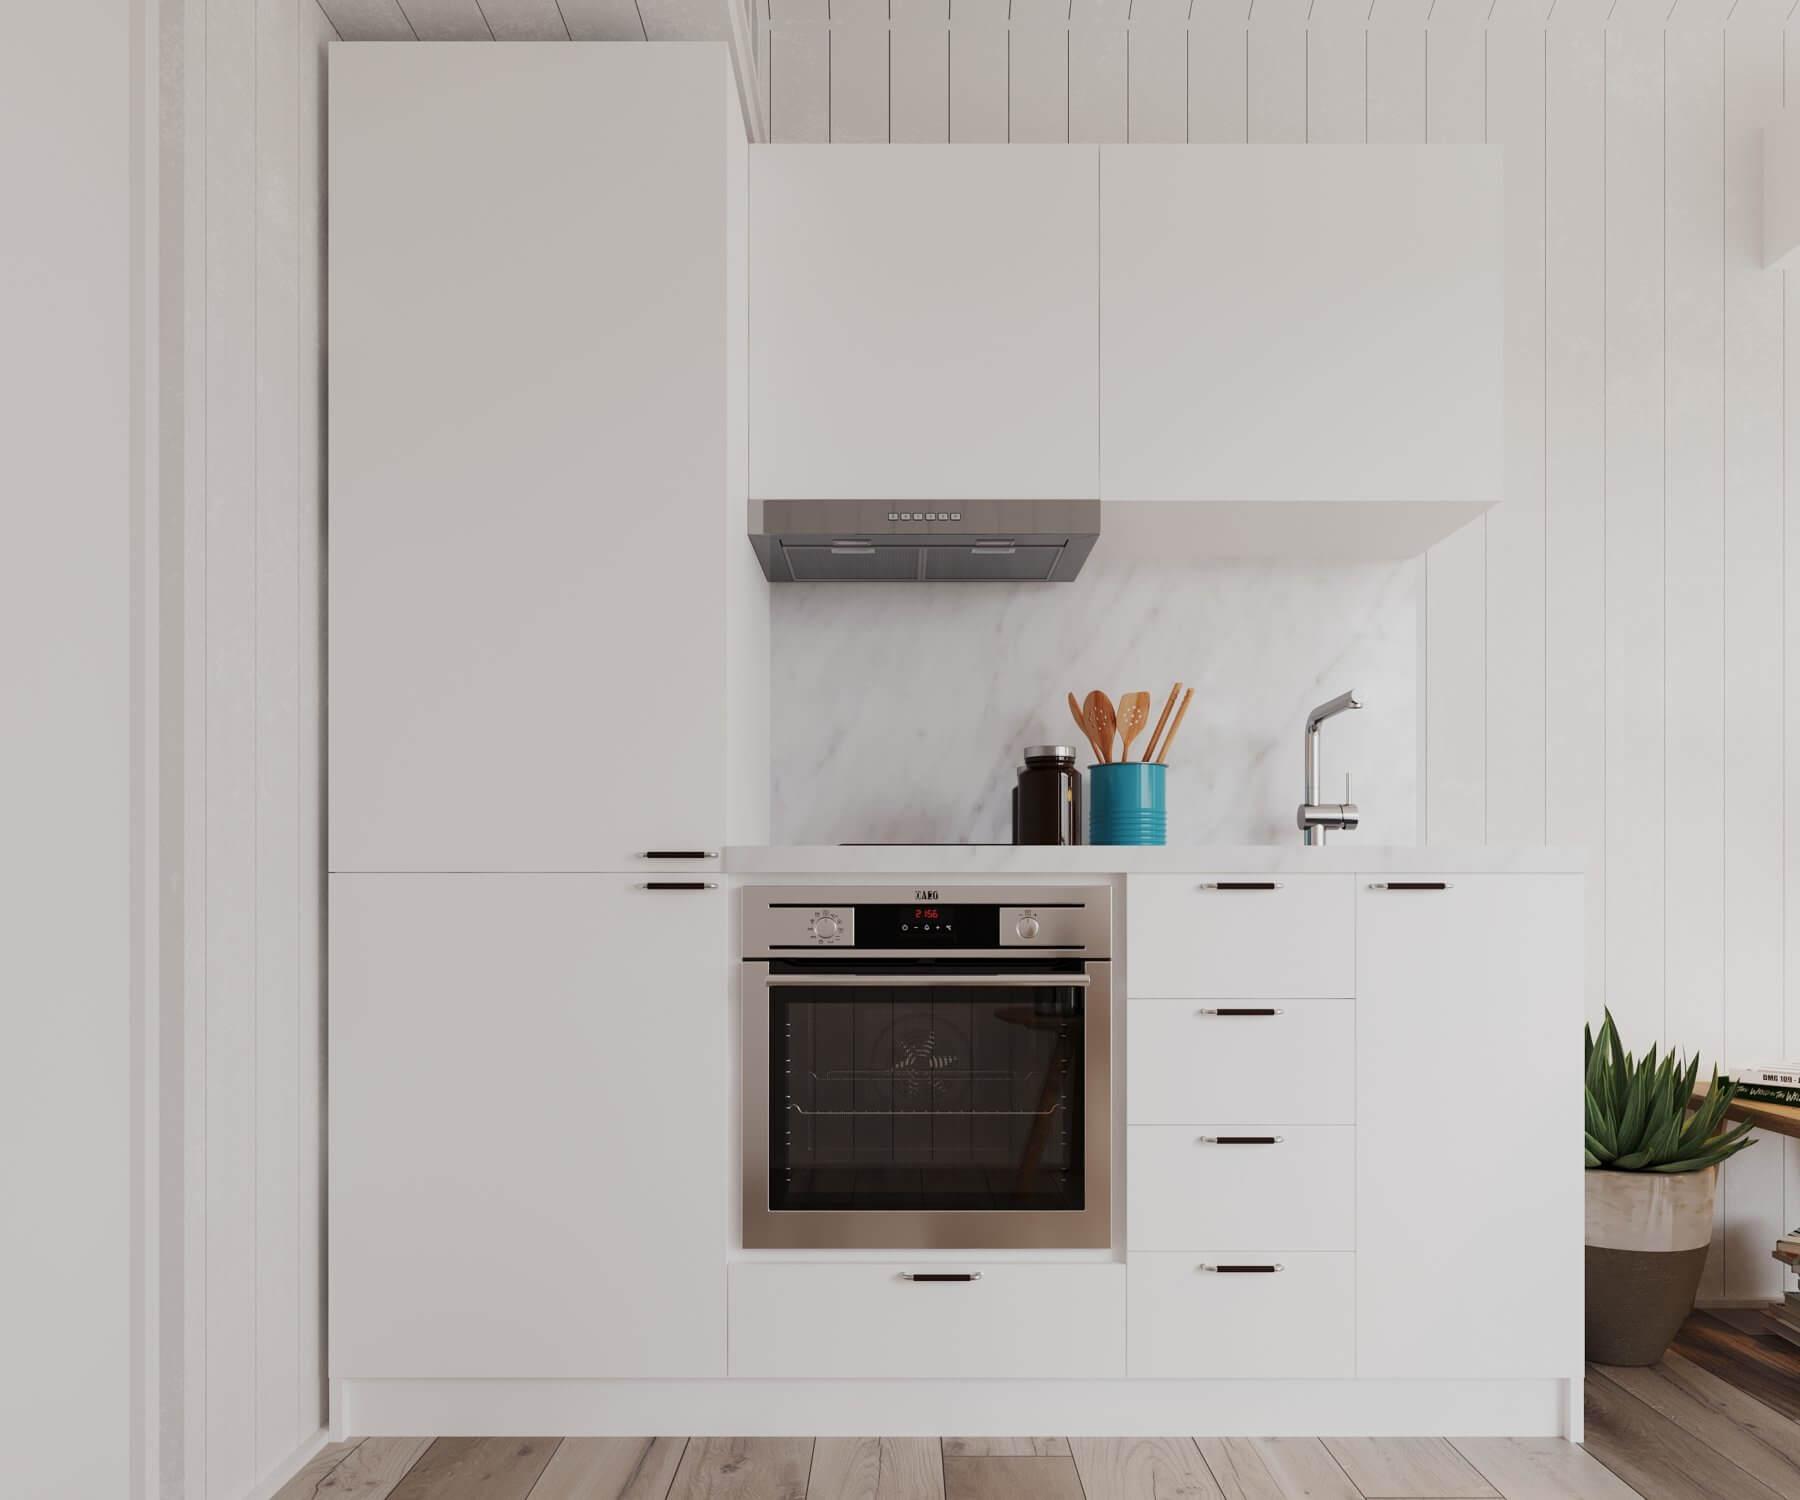 Kök i attefallshus med vita köksluckor, ugn och blandare